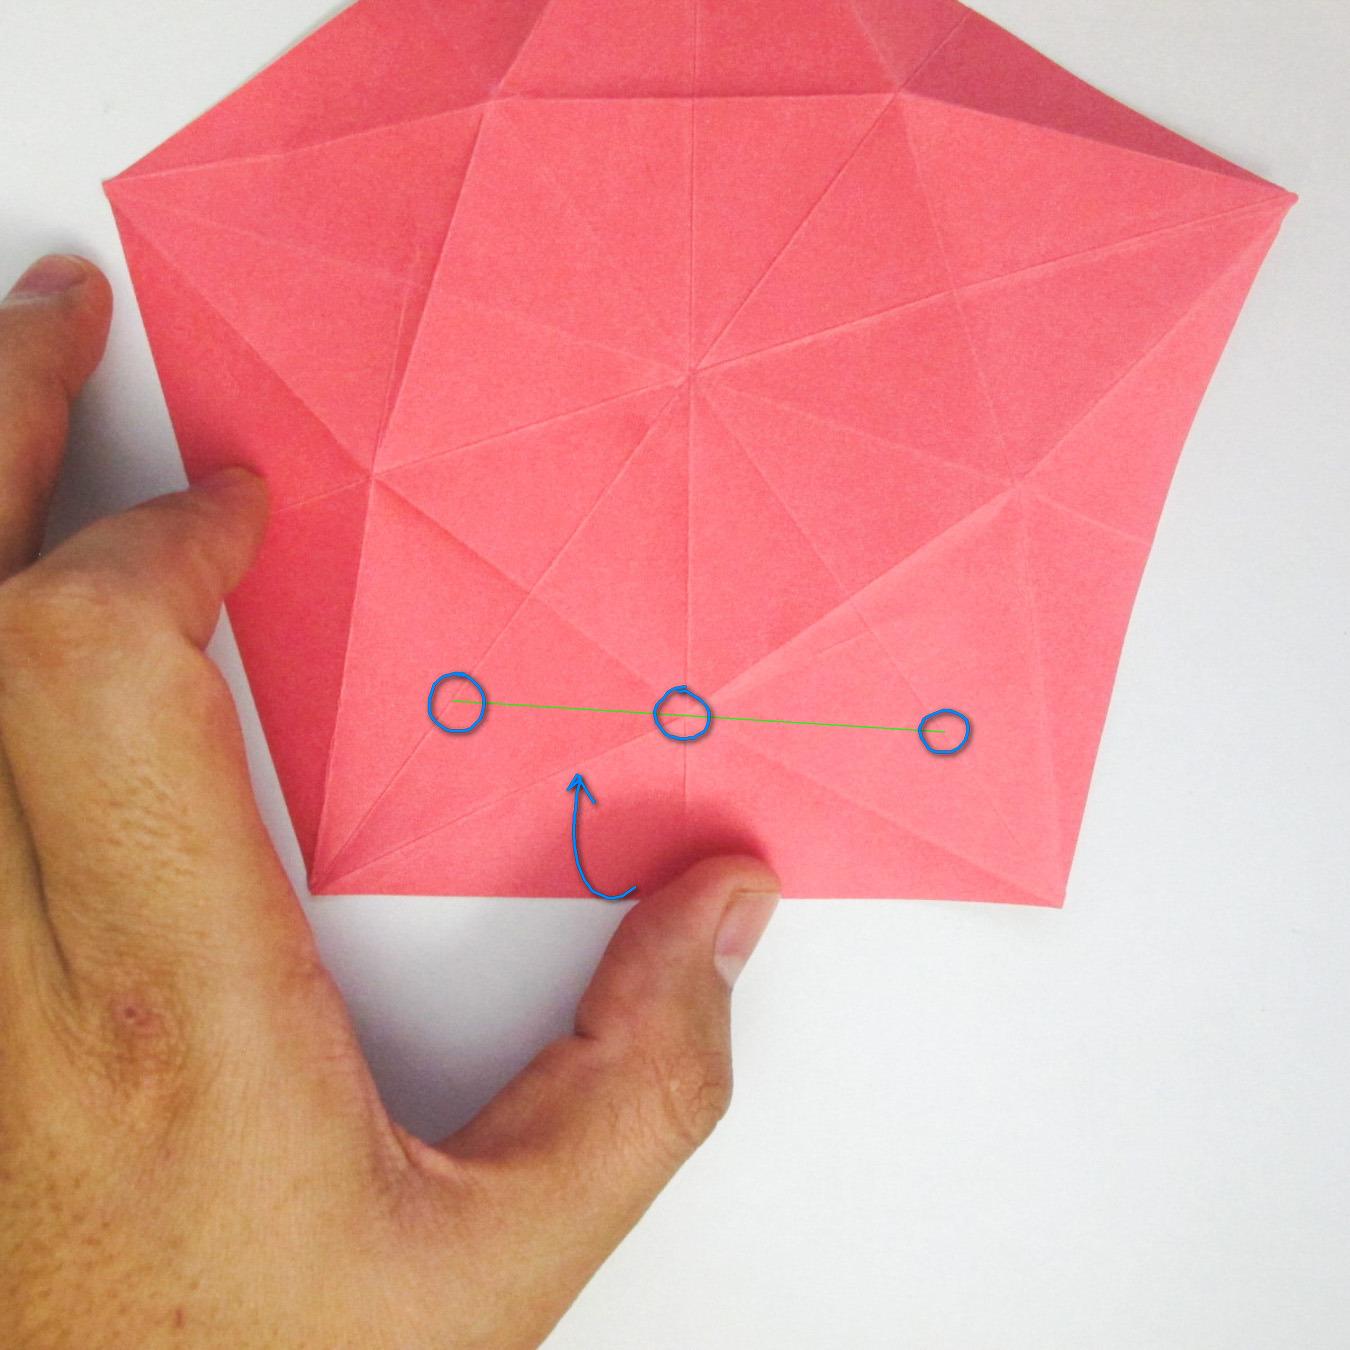 สอนวิธีการพับกระดาษเป็นดอกมะเฟือง (Origami Carambola) 014